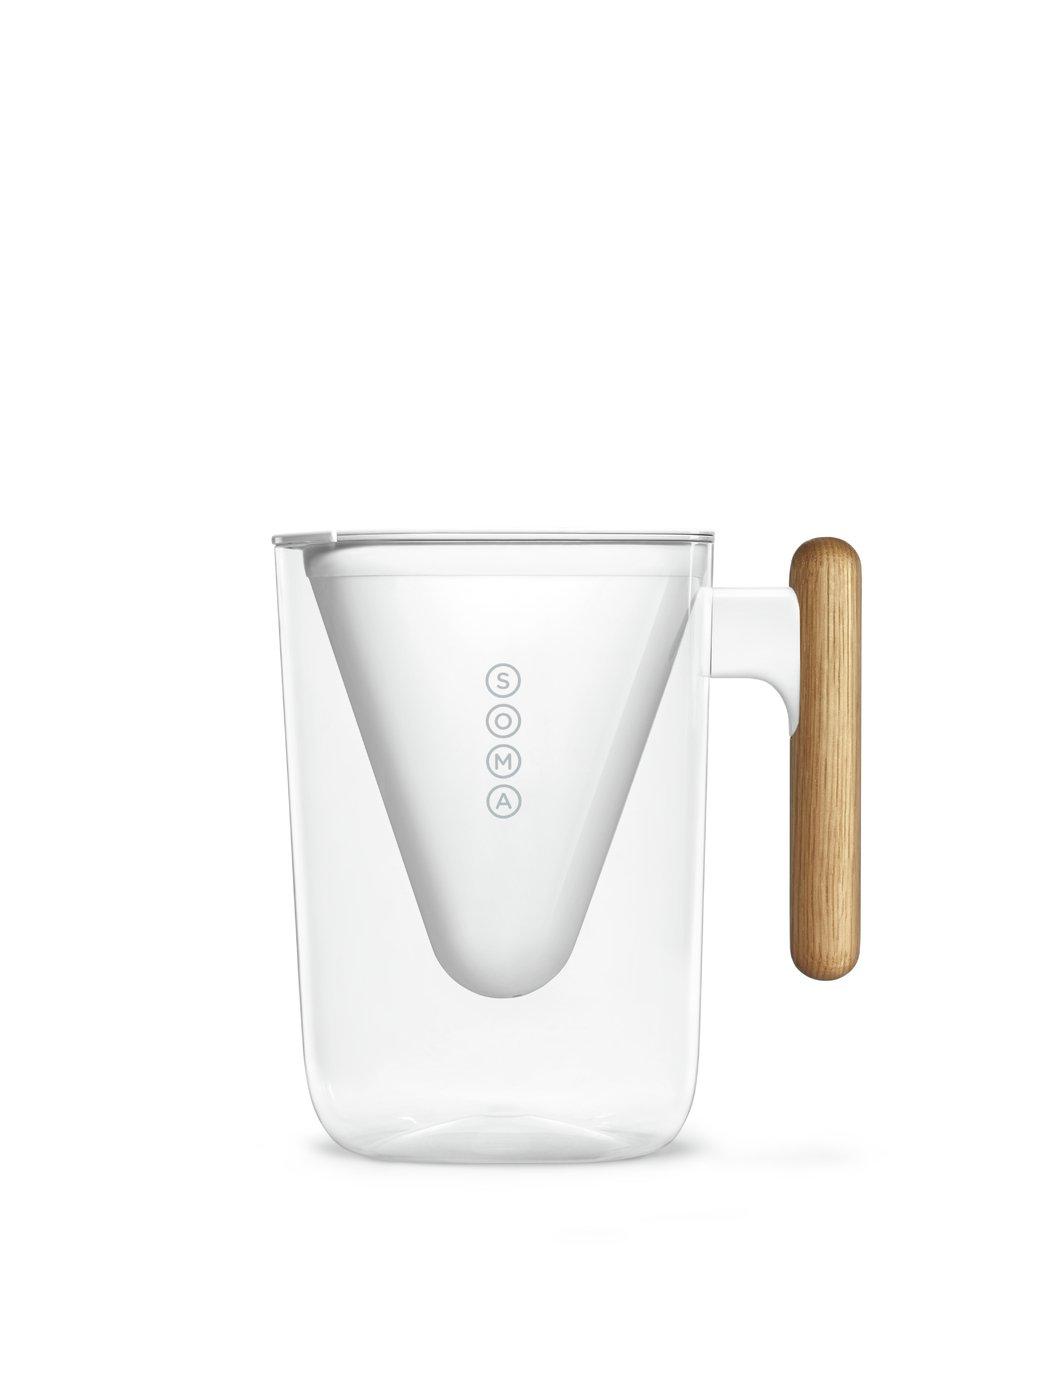 Soma Water Filter Jug